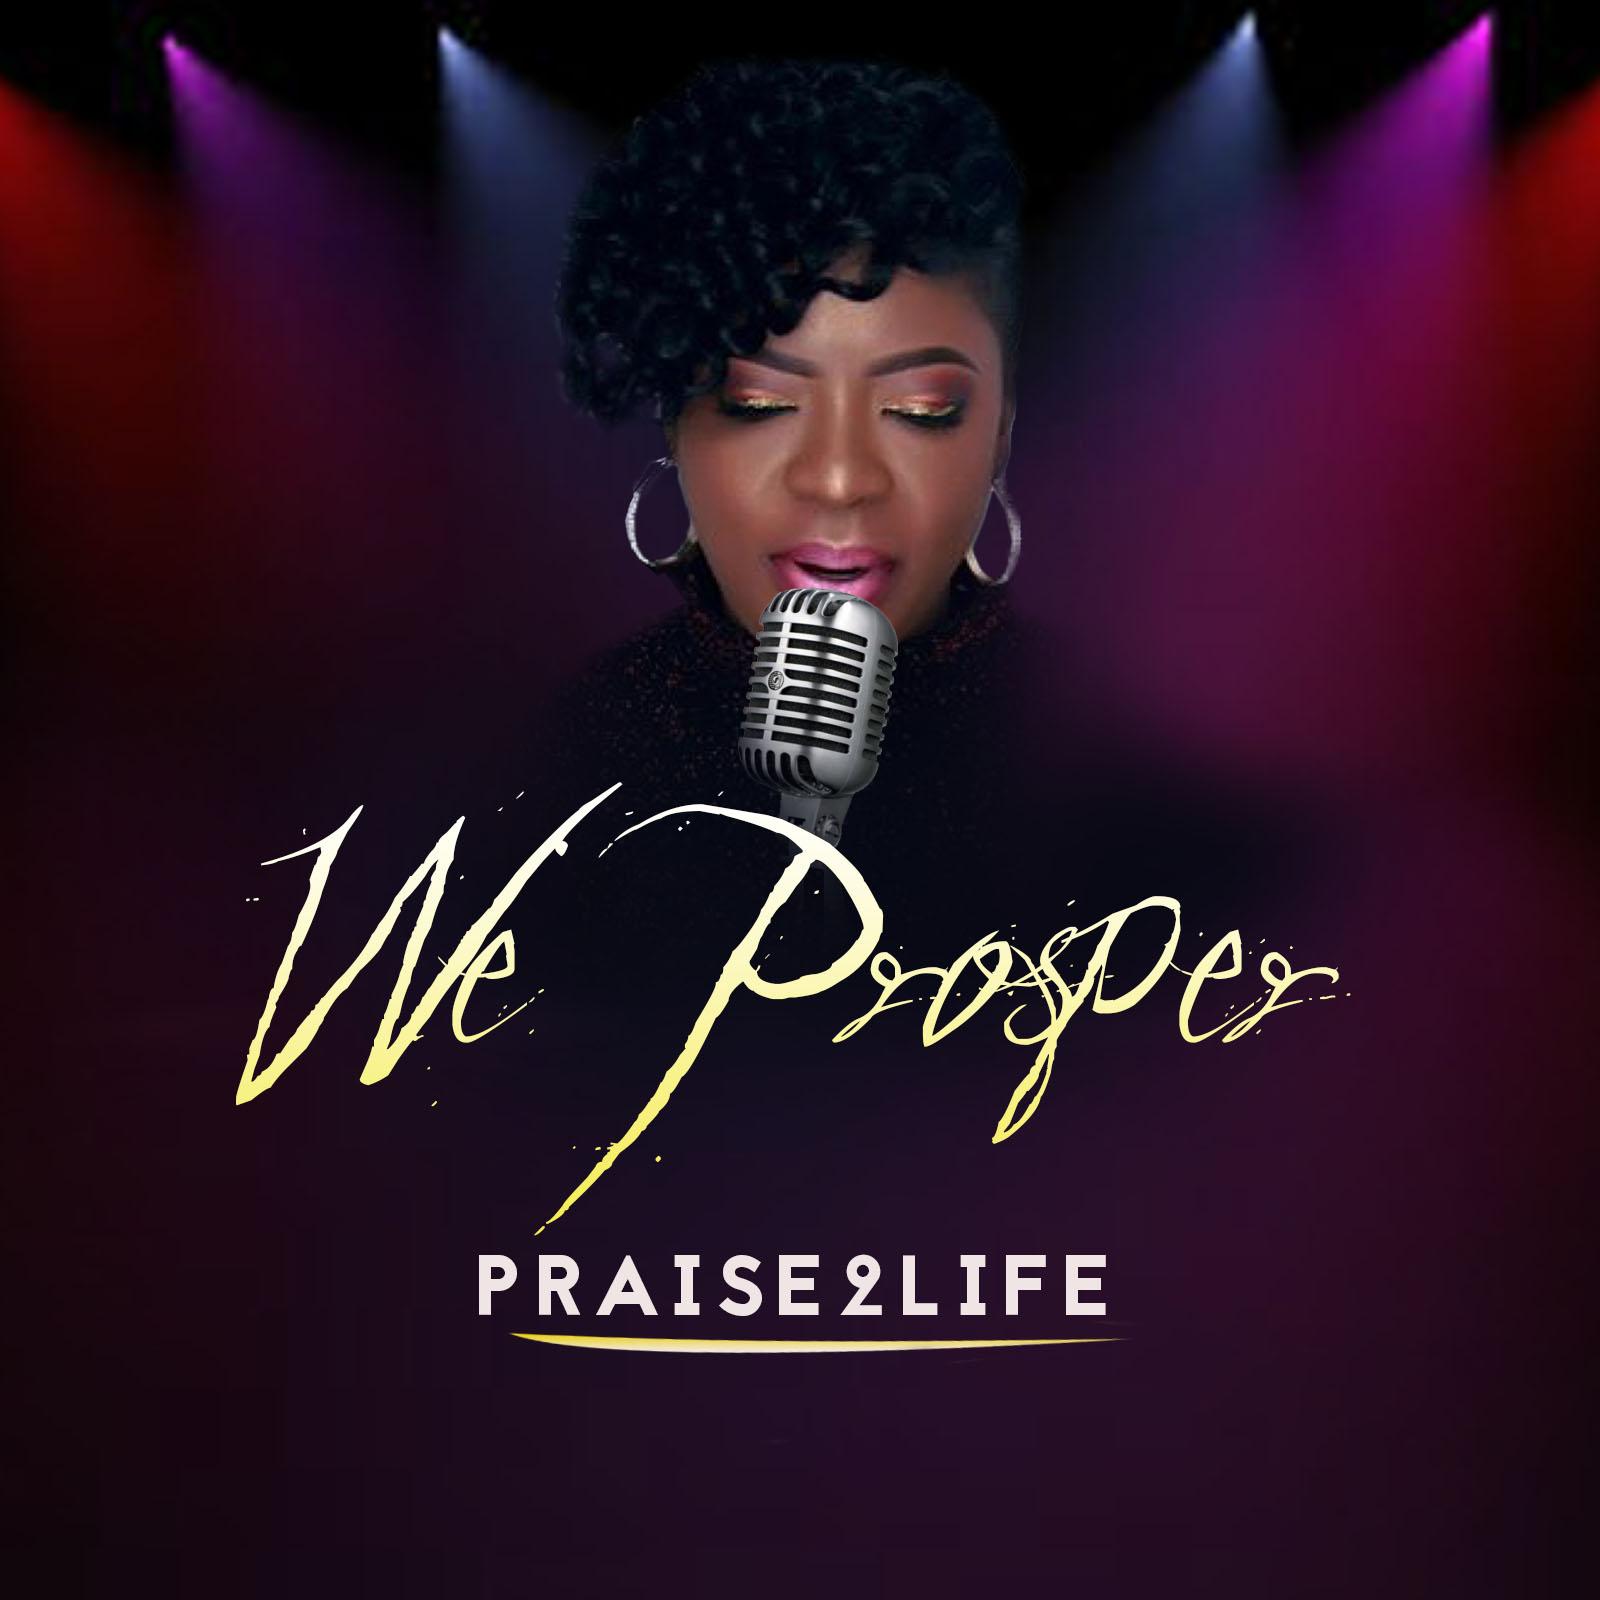 Praise4life - We Prosper